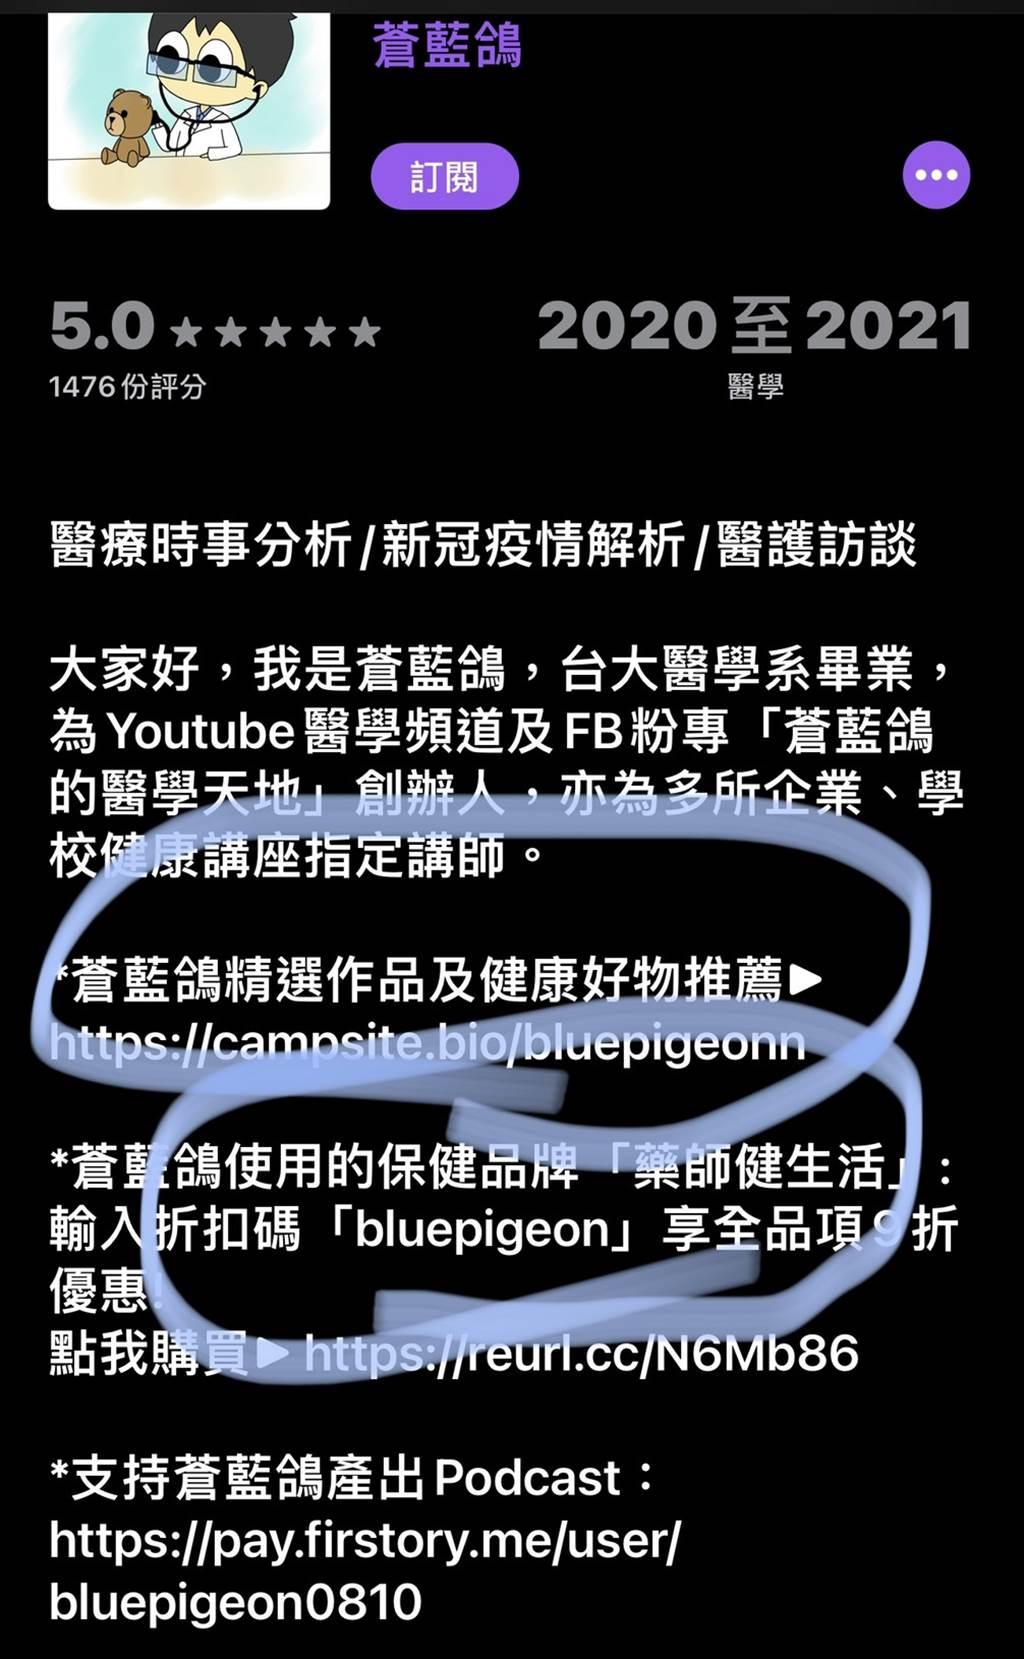 圖為蒼藍鴿的簡介欄中以推薦好物,輸入折扣碼有優惠的方式放置廣告。(翻攝自Apple Podcasts)